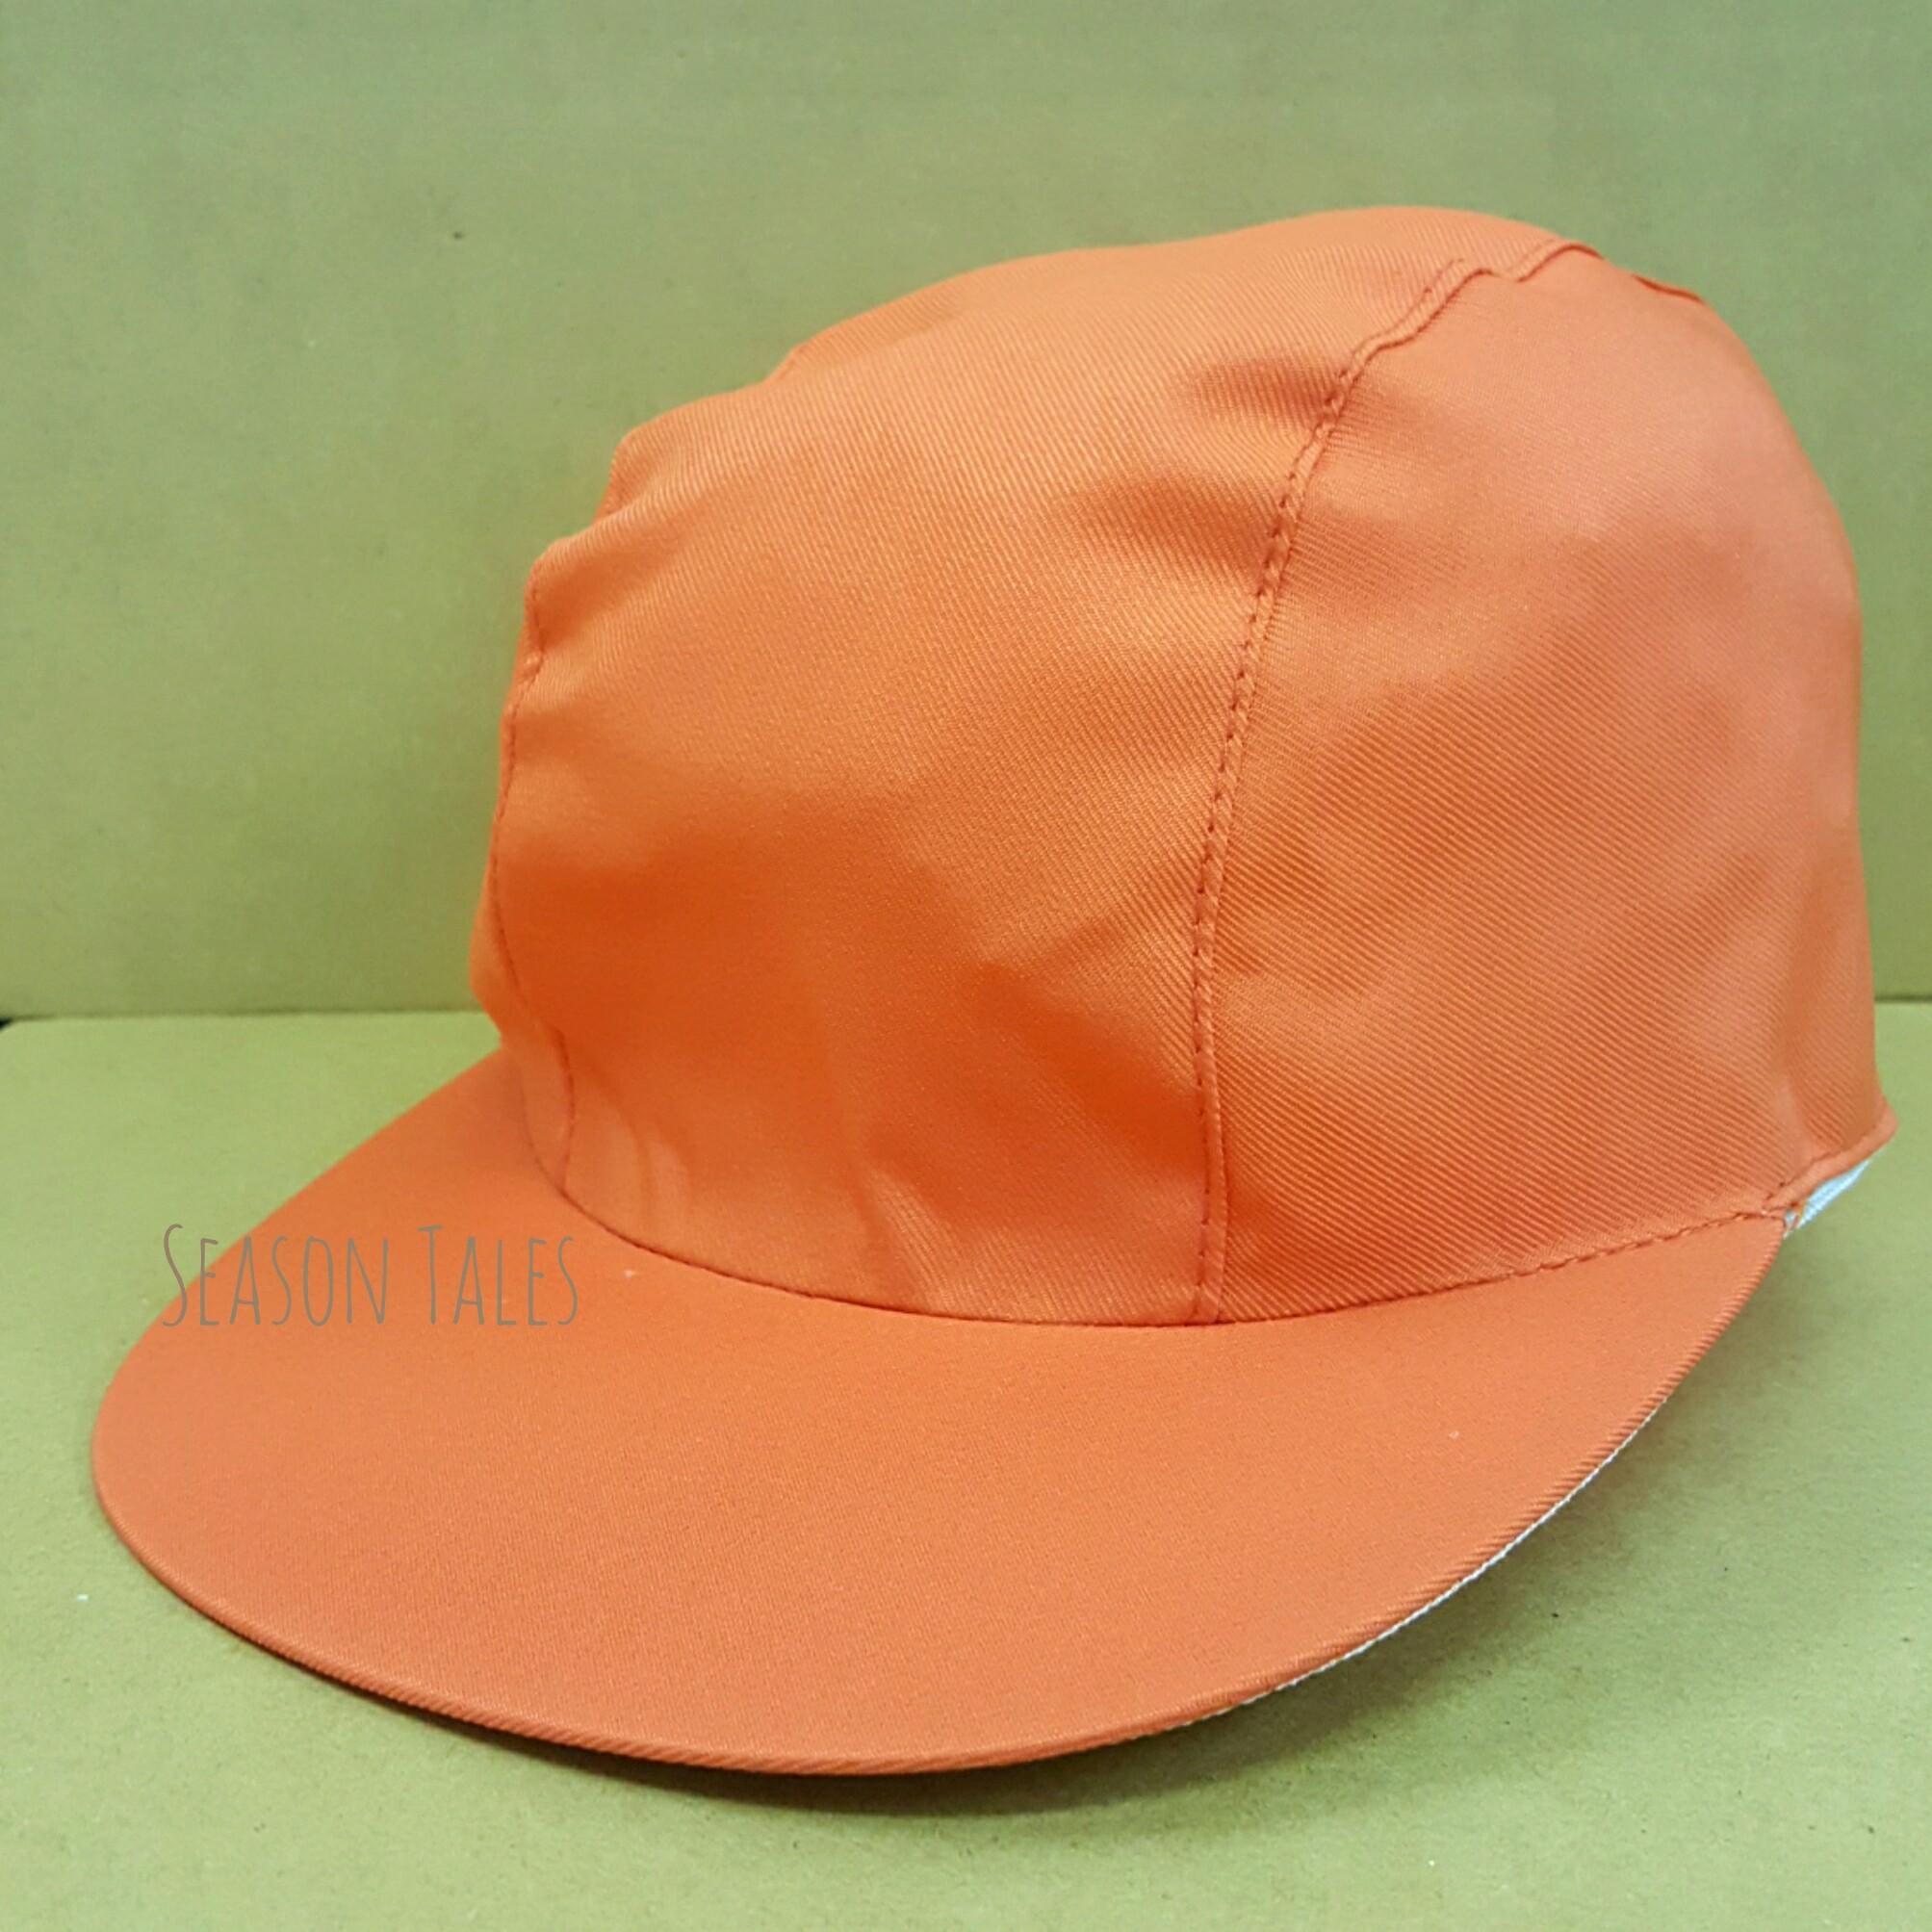 หมวกแก๊ป กีฬาสี สีส้ม ราคาถูกสุดๆ (สั่งในเว็บไม่ได้ สั่งผ่านLine/Telเท่านั้น)